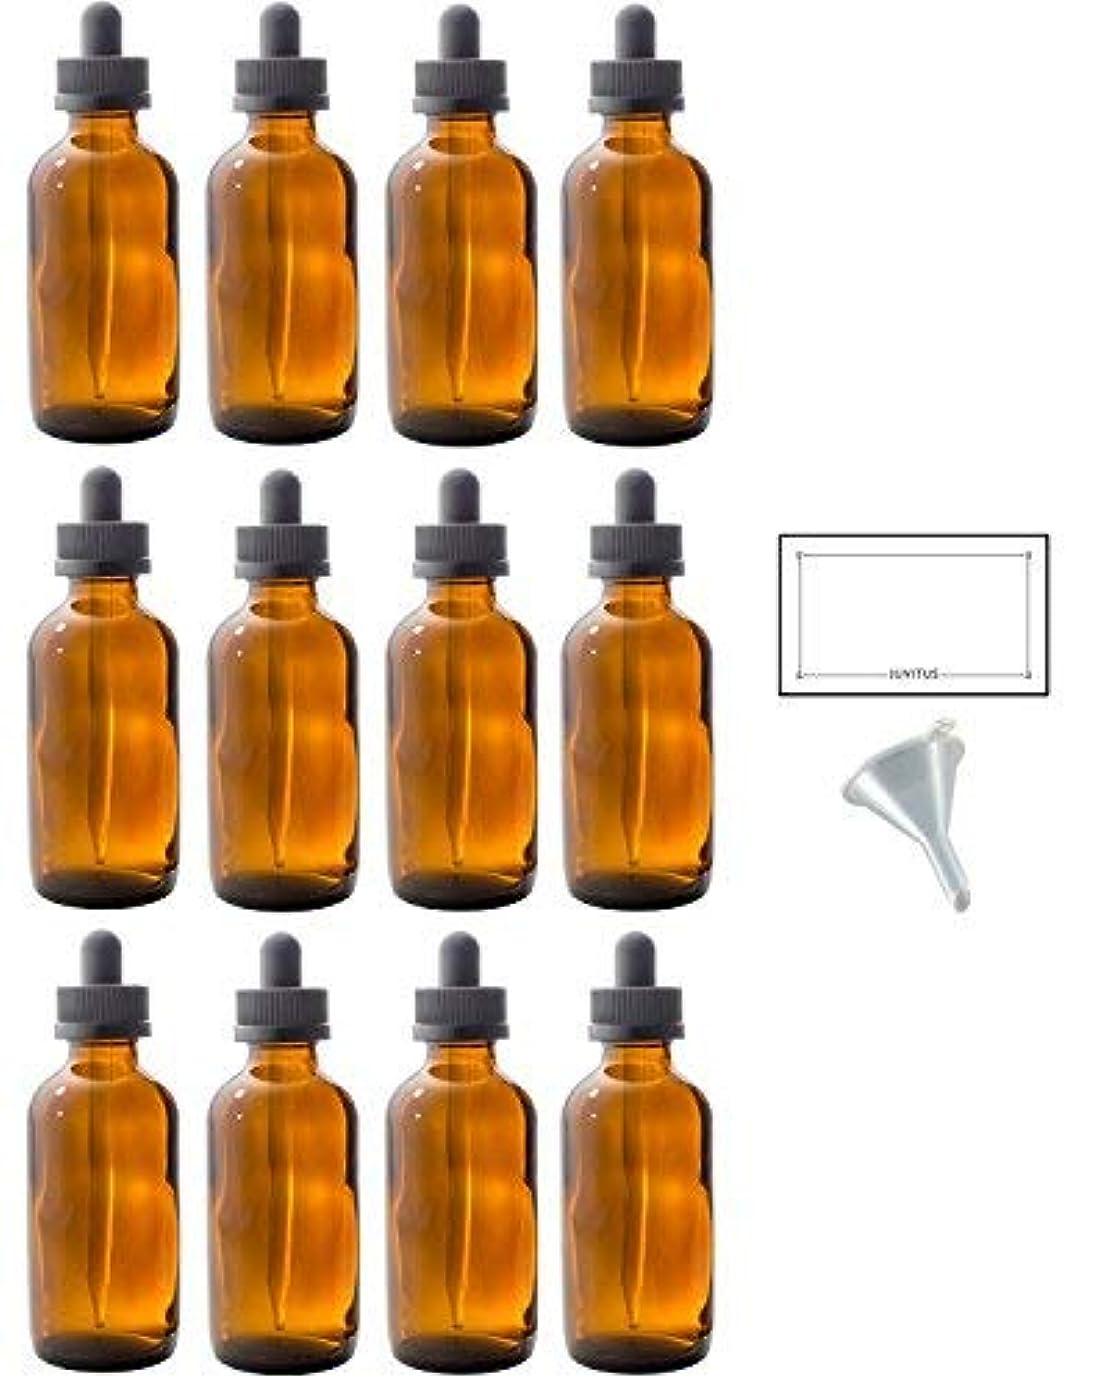 恋人周波数ベット4 oz Amber Glass Boston Round Dropper Bottle (12 pack) + Funnel and Labels for essential oils, aromatherapy, e-liquid...